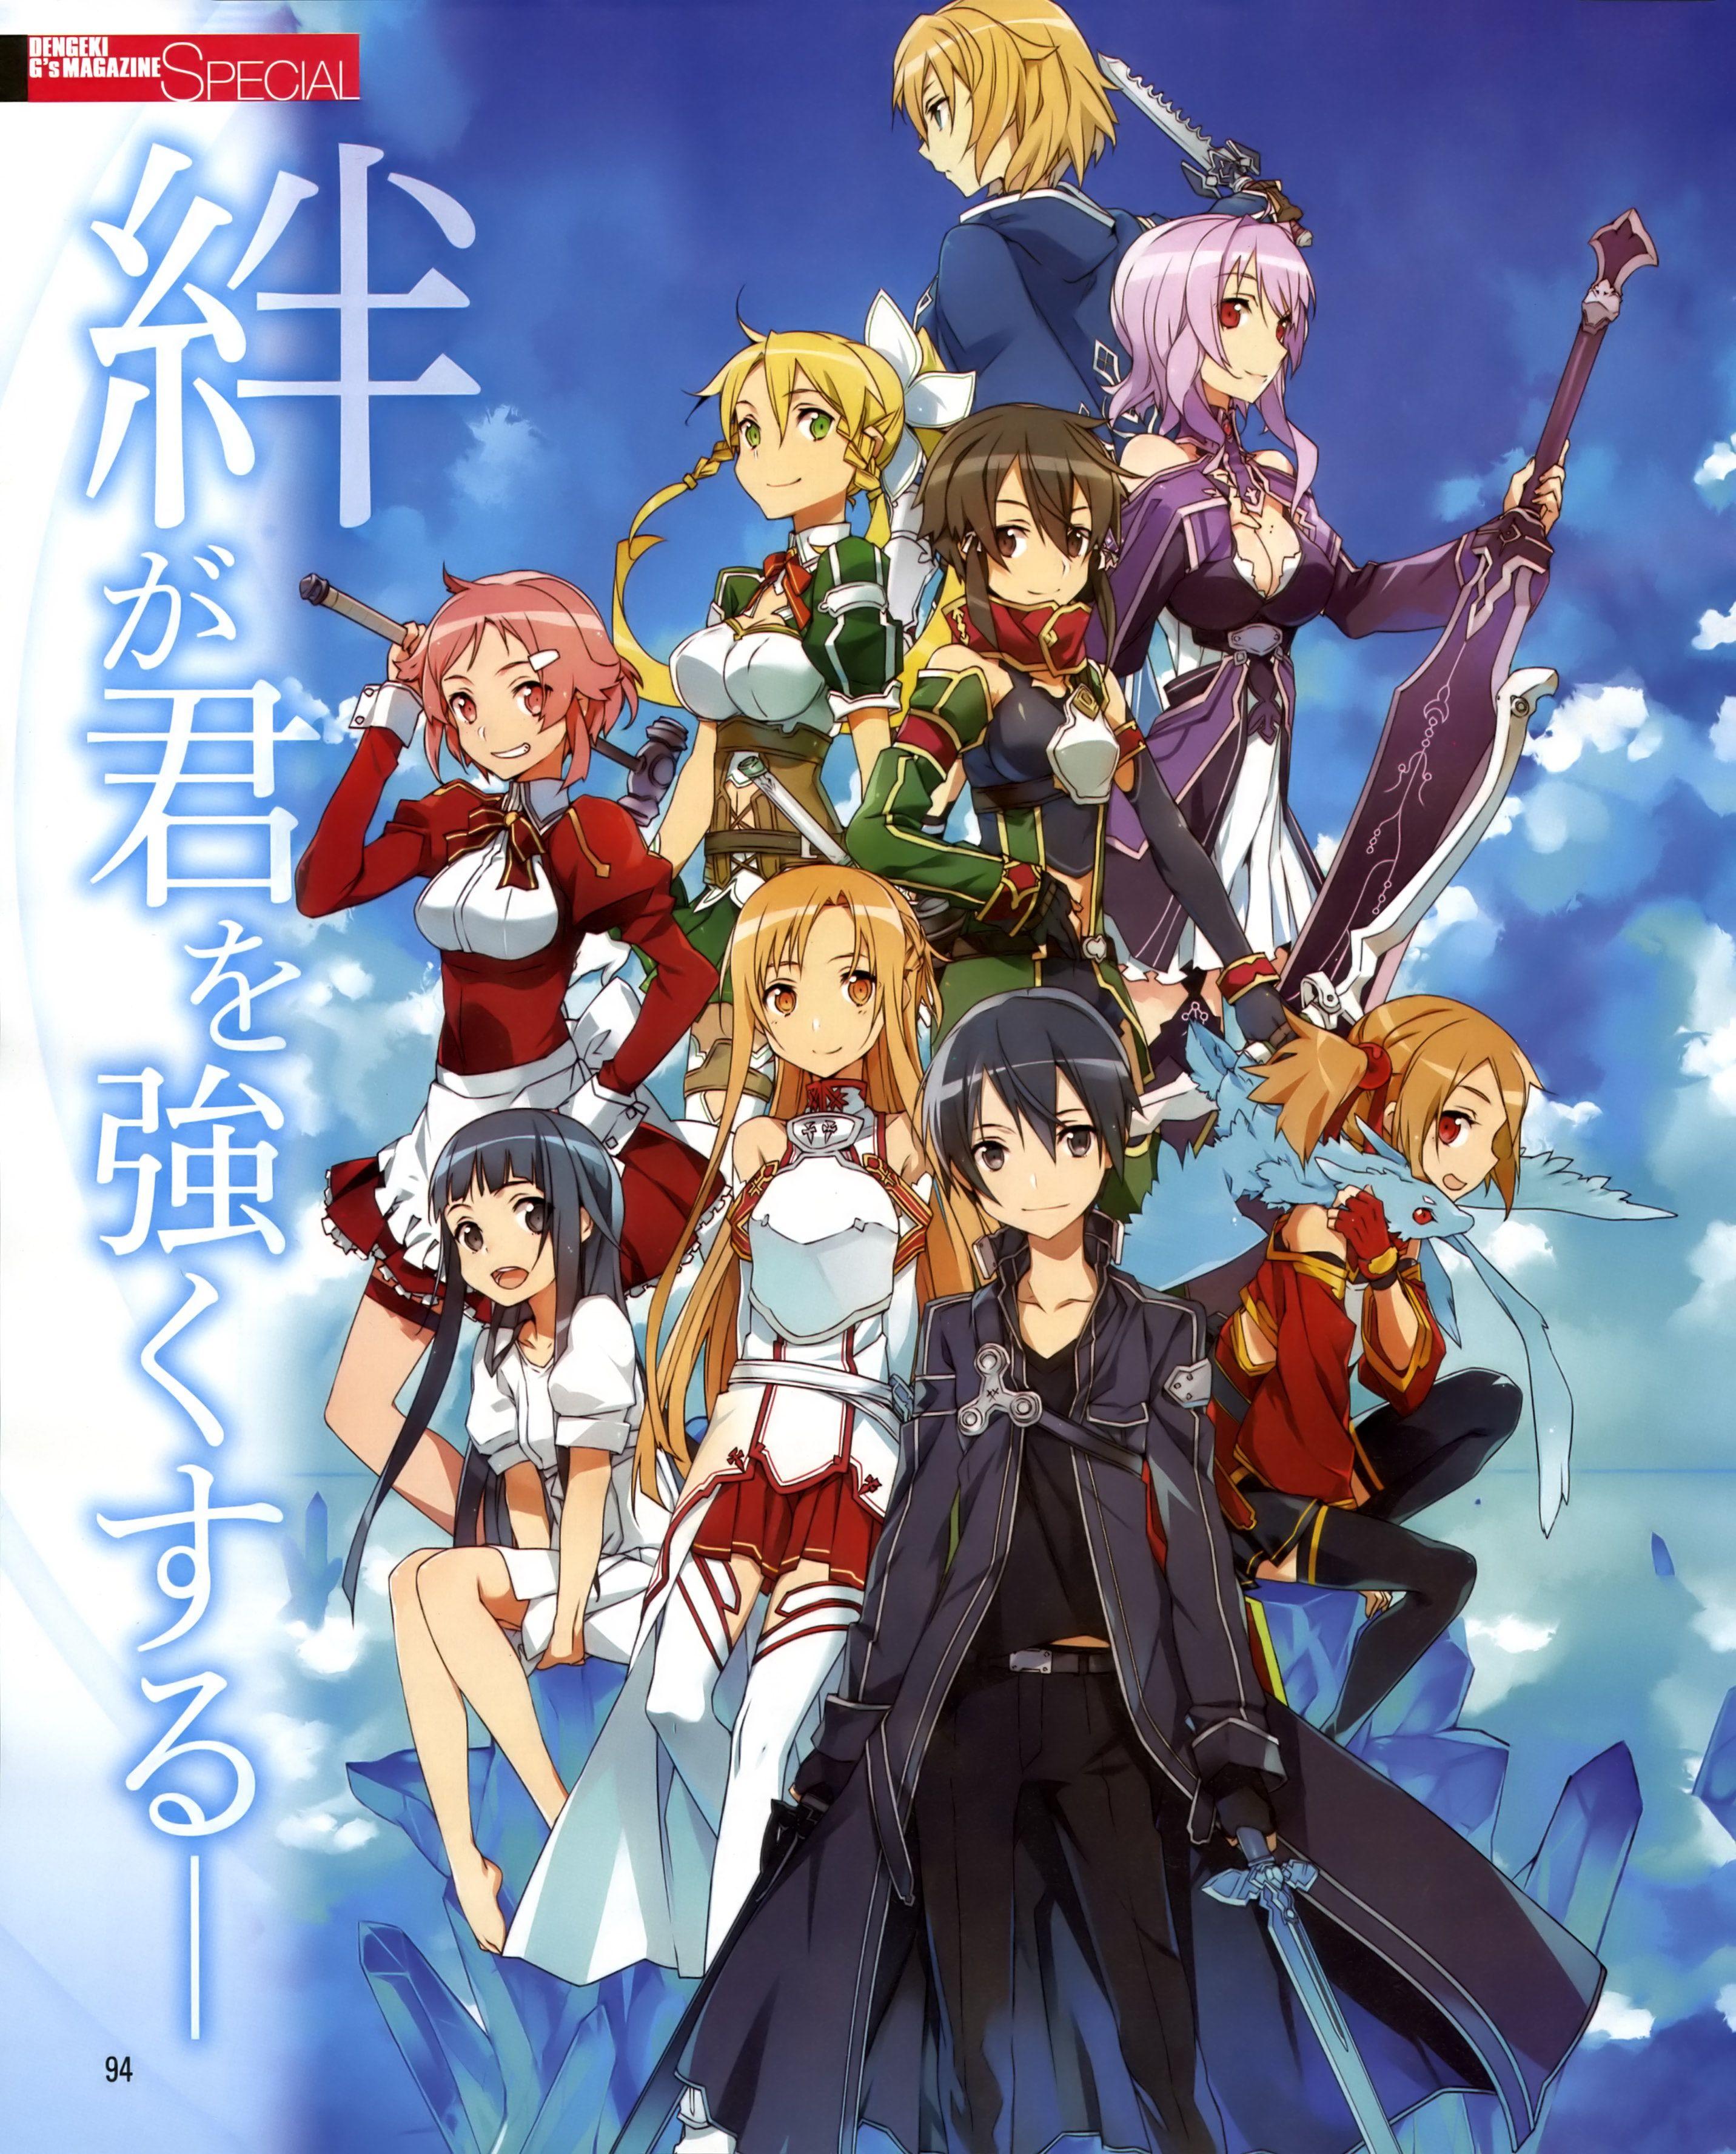 Sword Art Online 297 ソードアートオンライン ソードアート